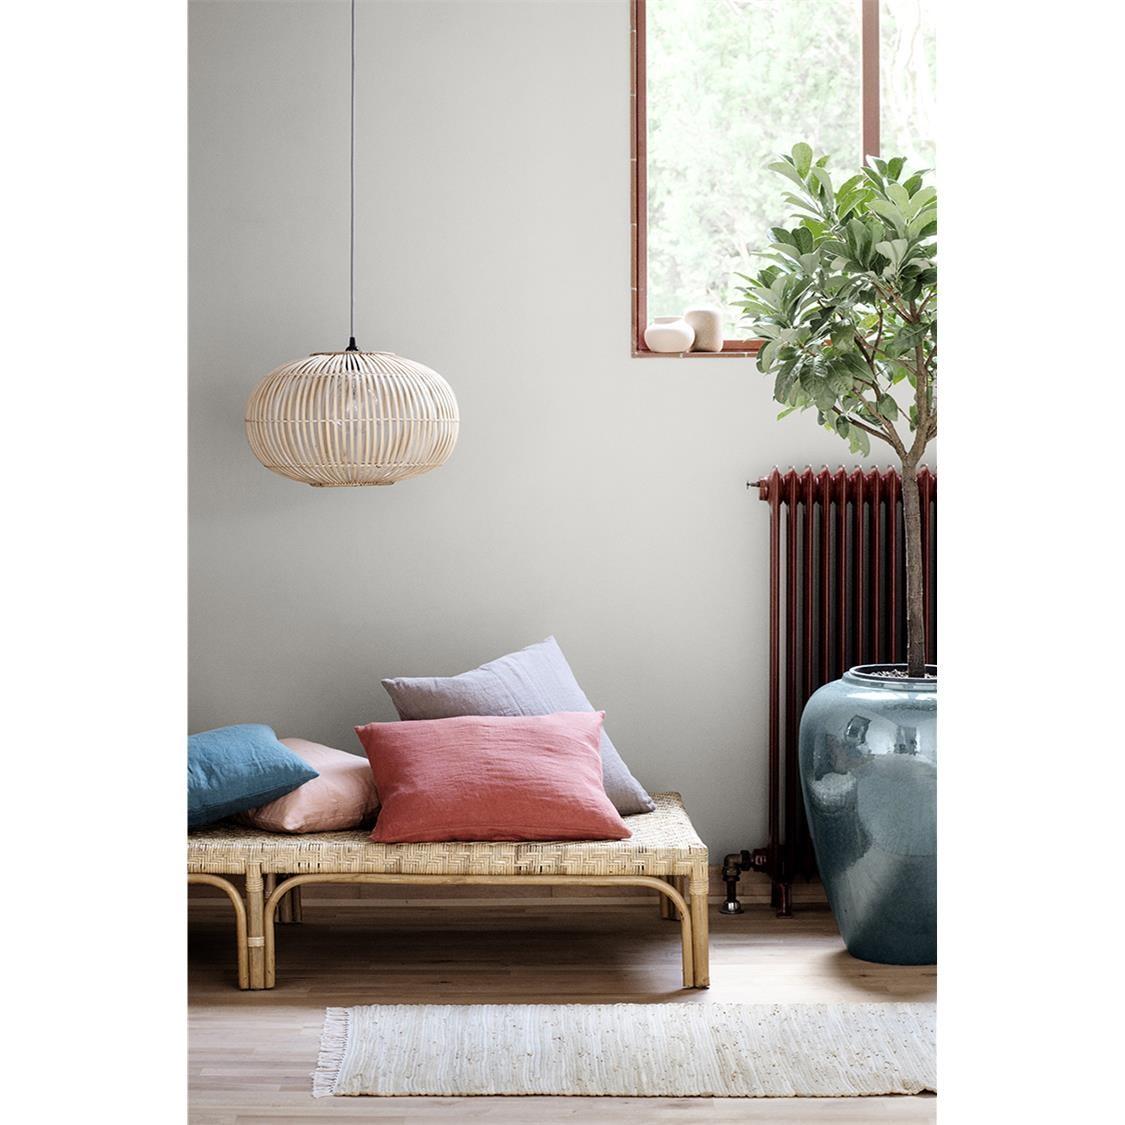 Bambusová lampa ZEP 48 cm - Obrázek č. 2